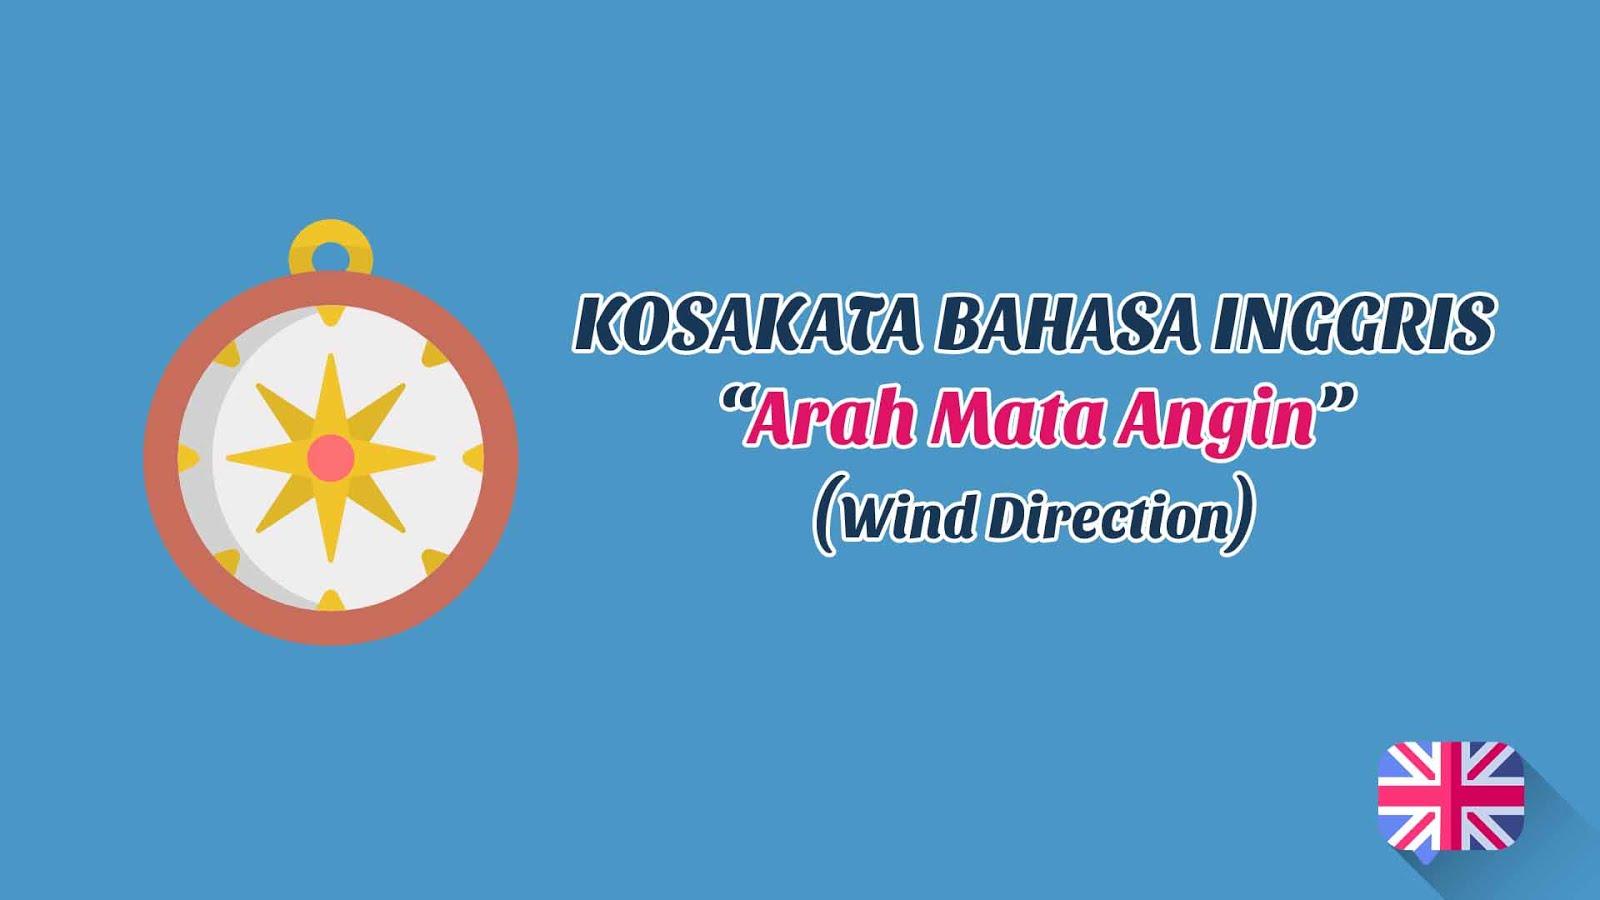 Arah Mata Angin (Wind Direction) + Pronunciation (Kosakata Bahasa Inggris)